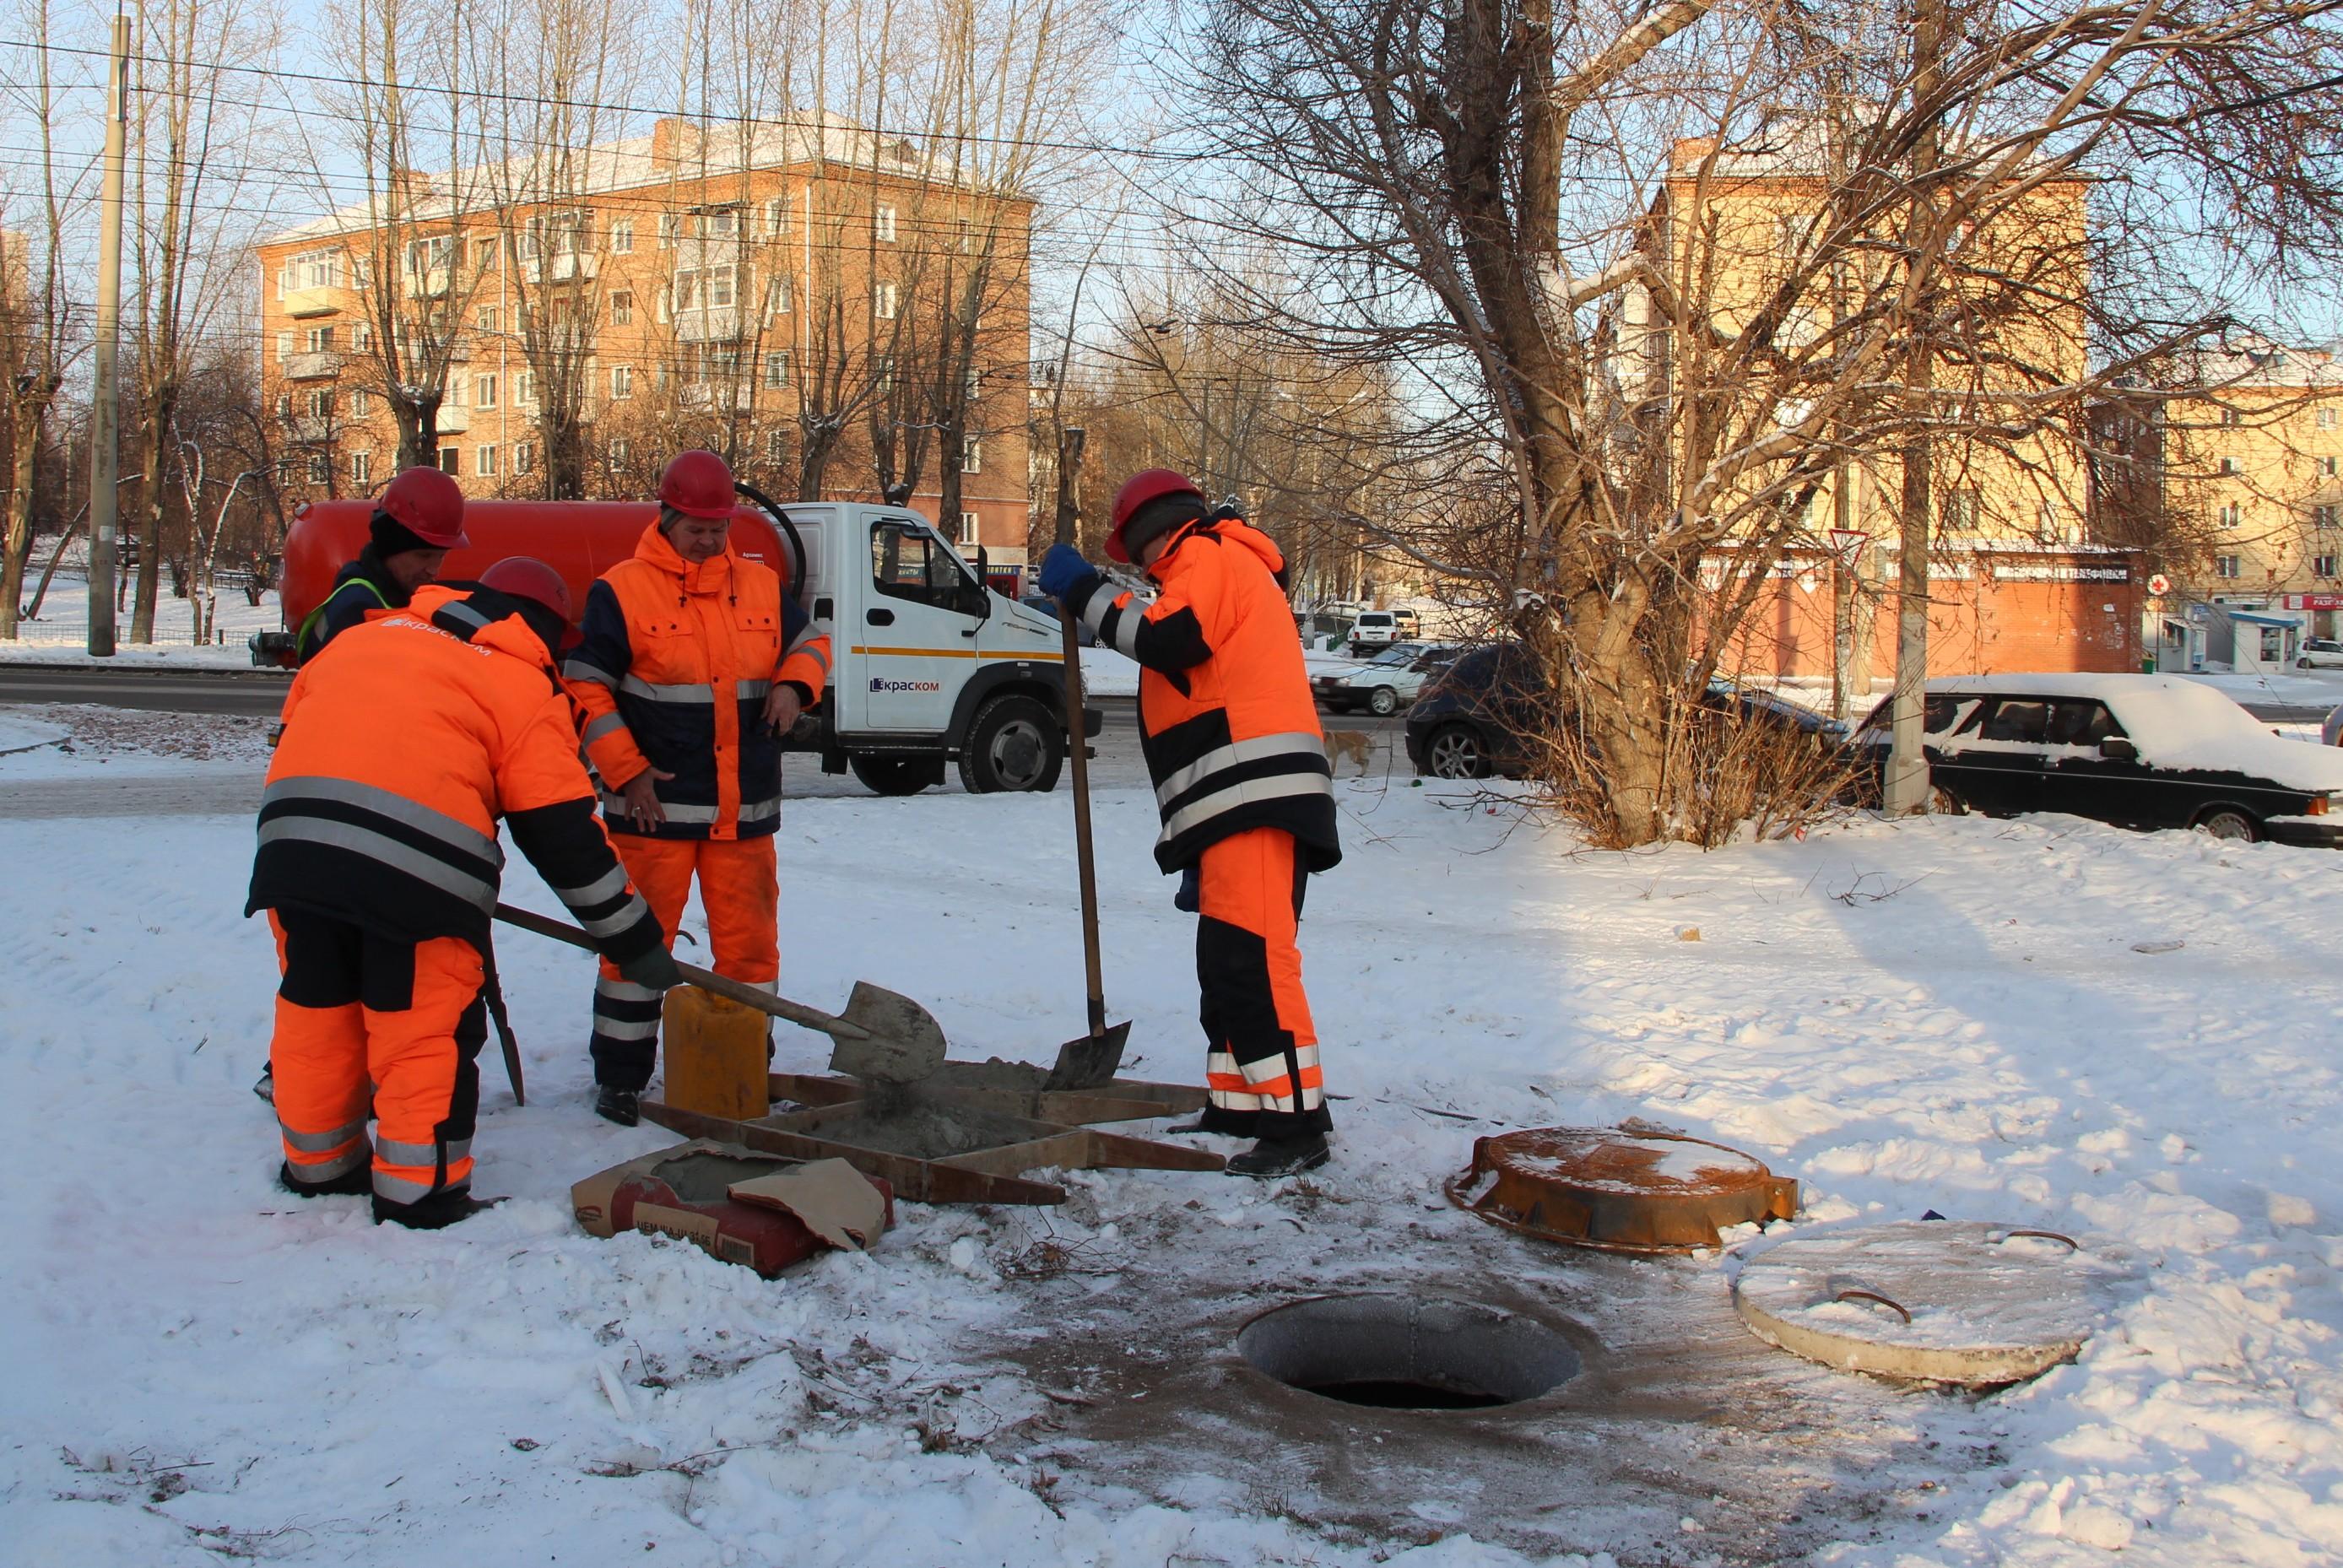 Всего на обслуживании компании «КрасКом» находится 27,9 тыс. канализационных, 12,7 тыс. водопроводных и 7,1 тыс. тепловых колодцев с крышками.